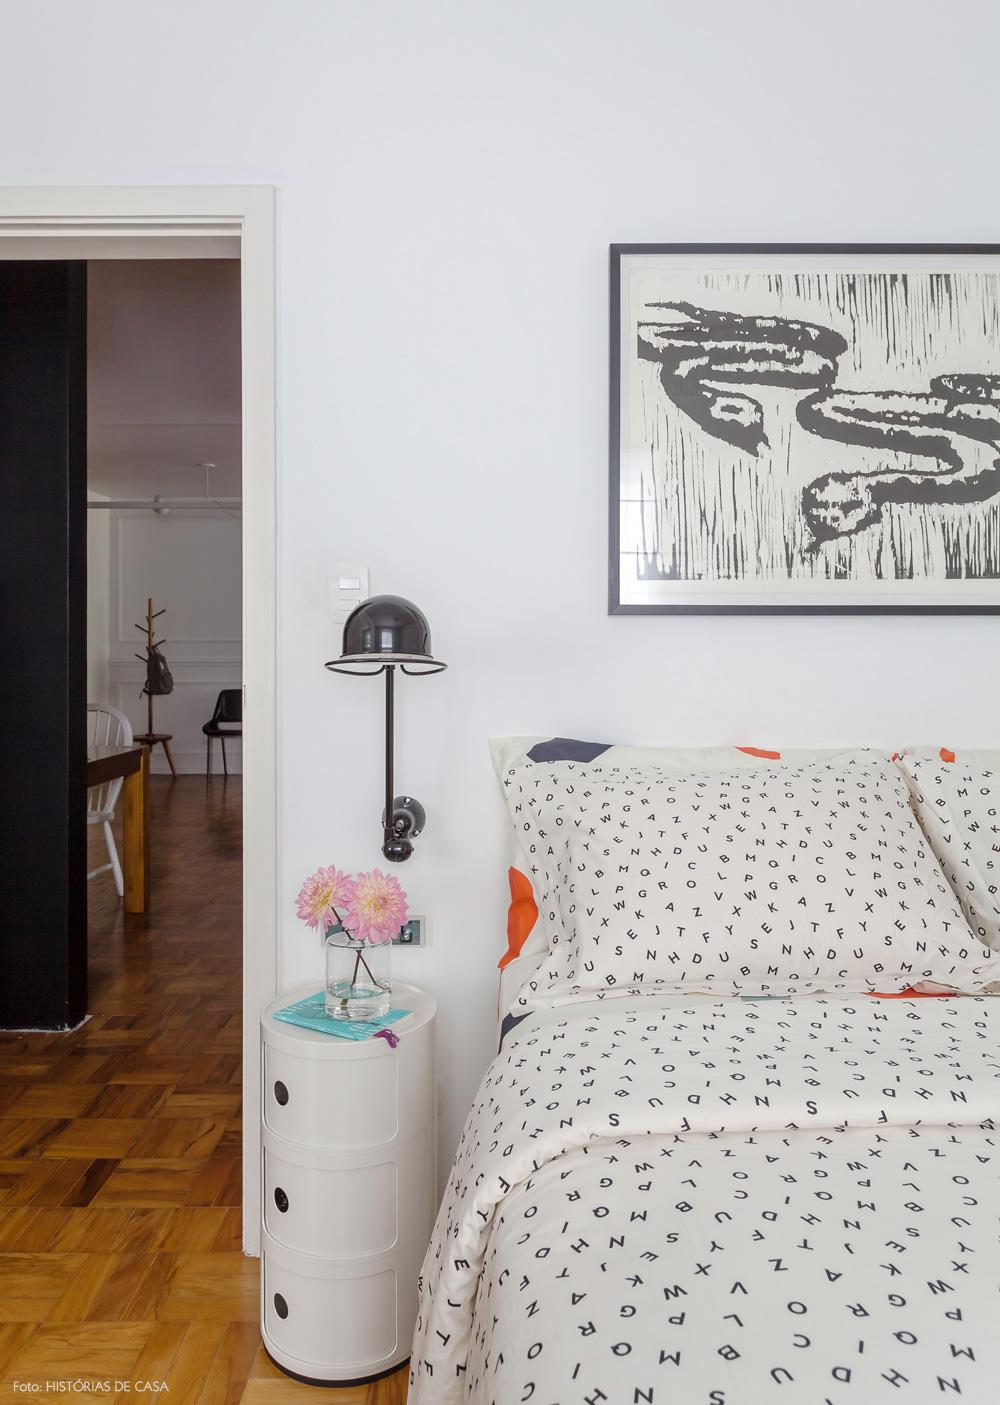 31-decoracao-quarto-branco-roupa-de-cama-letras-minimalista